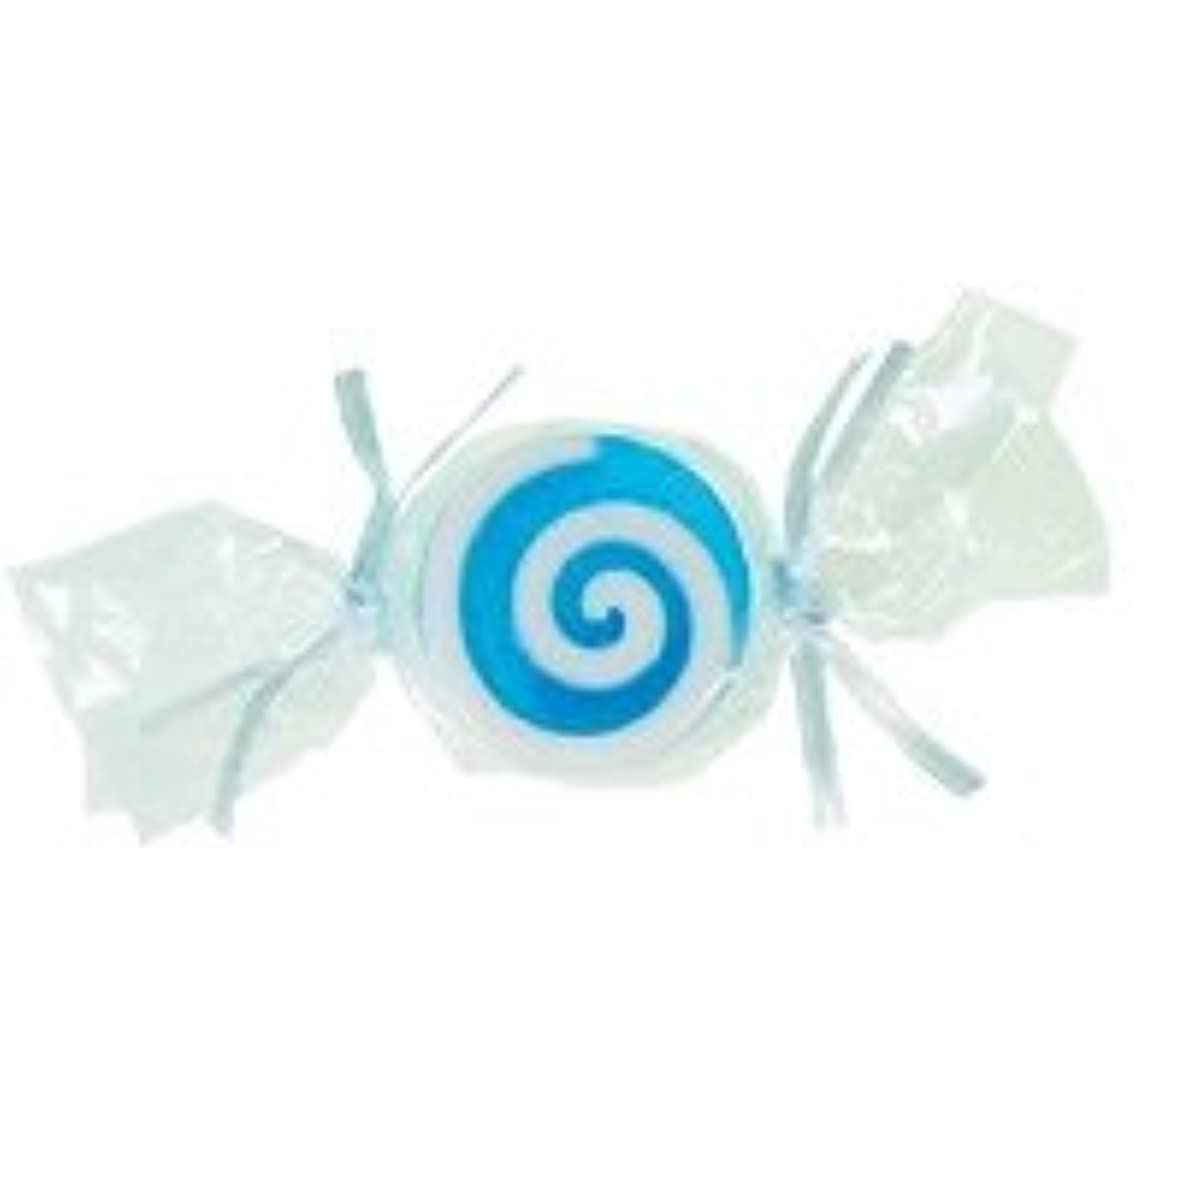 落胆する憲法マーチャンダイジングベジタブルソープ キャンディ「ブルー」20個セット ハニーメロンの香り